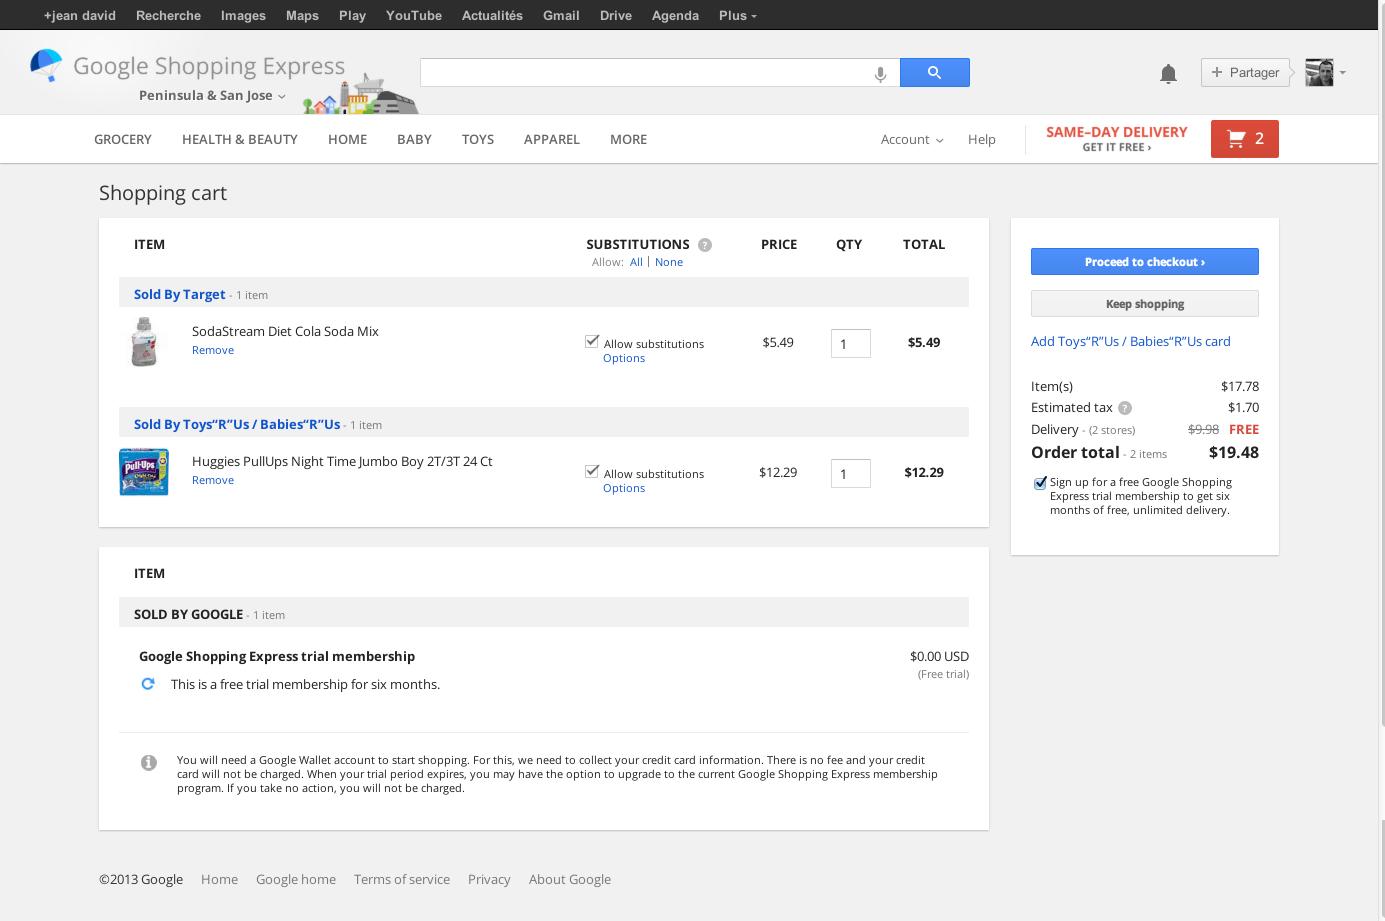 Google Shopping Express Shopping Cart Ecommerce Marketplace Ux Webdesign Shopping Cart Google Shopping Web Design